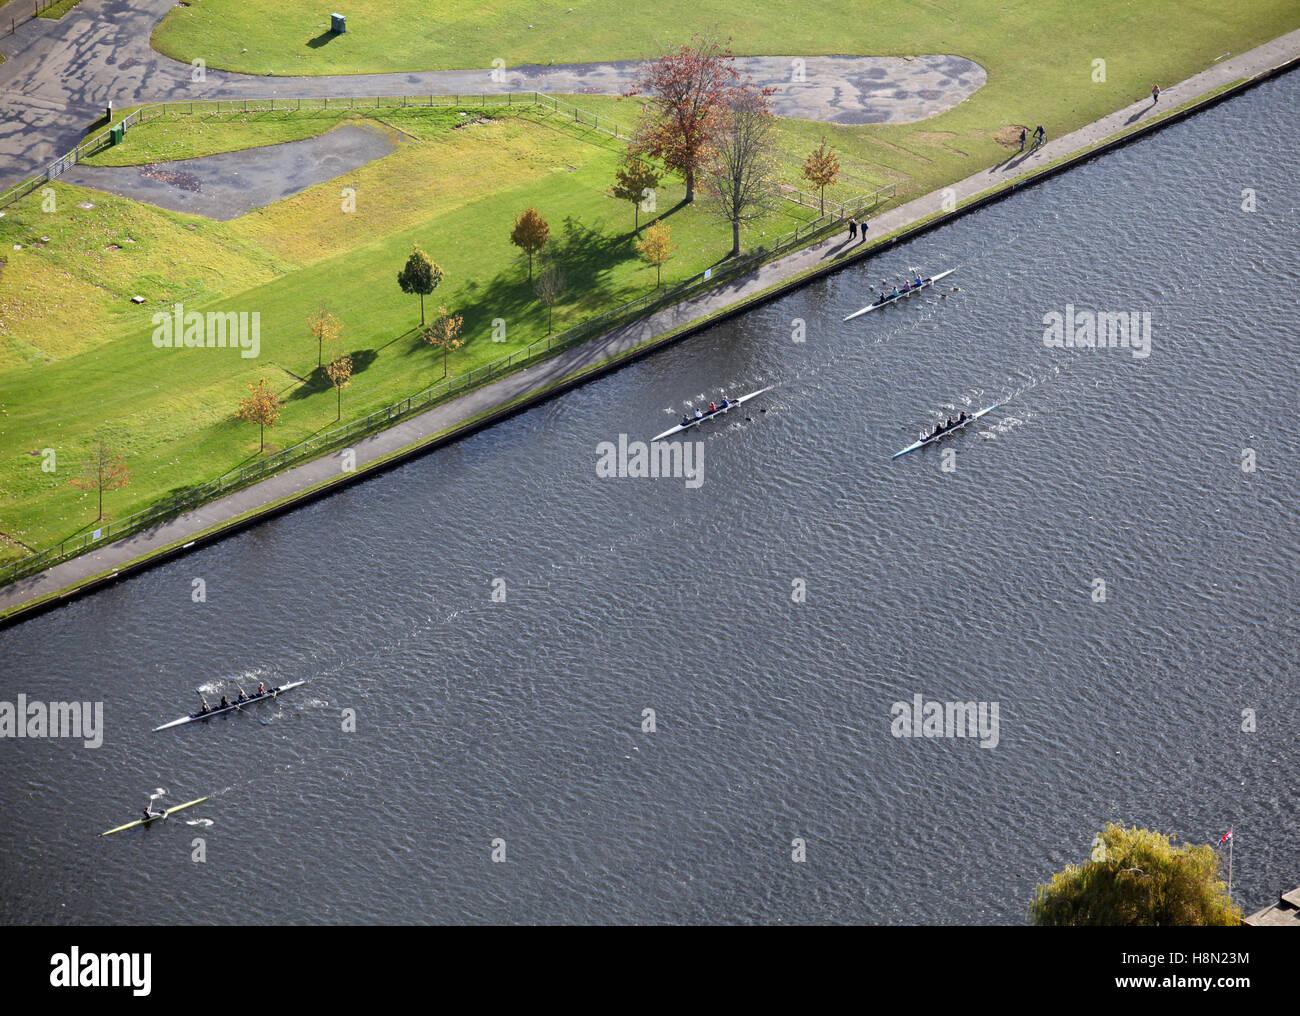 Vista aérea de deportistas de remo en el Río Támesis en Henley-on-Thames, RU Imagen De Stock